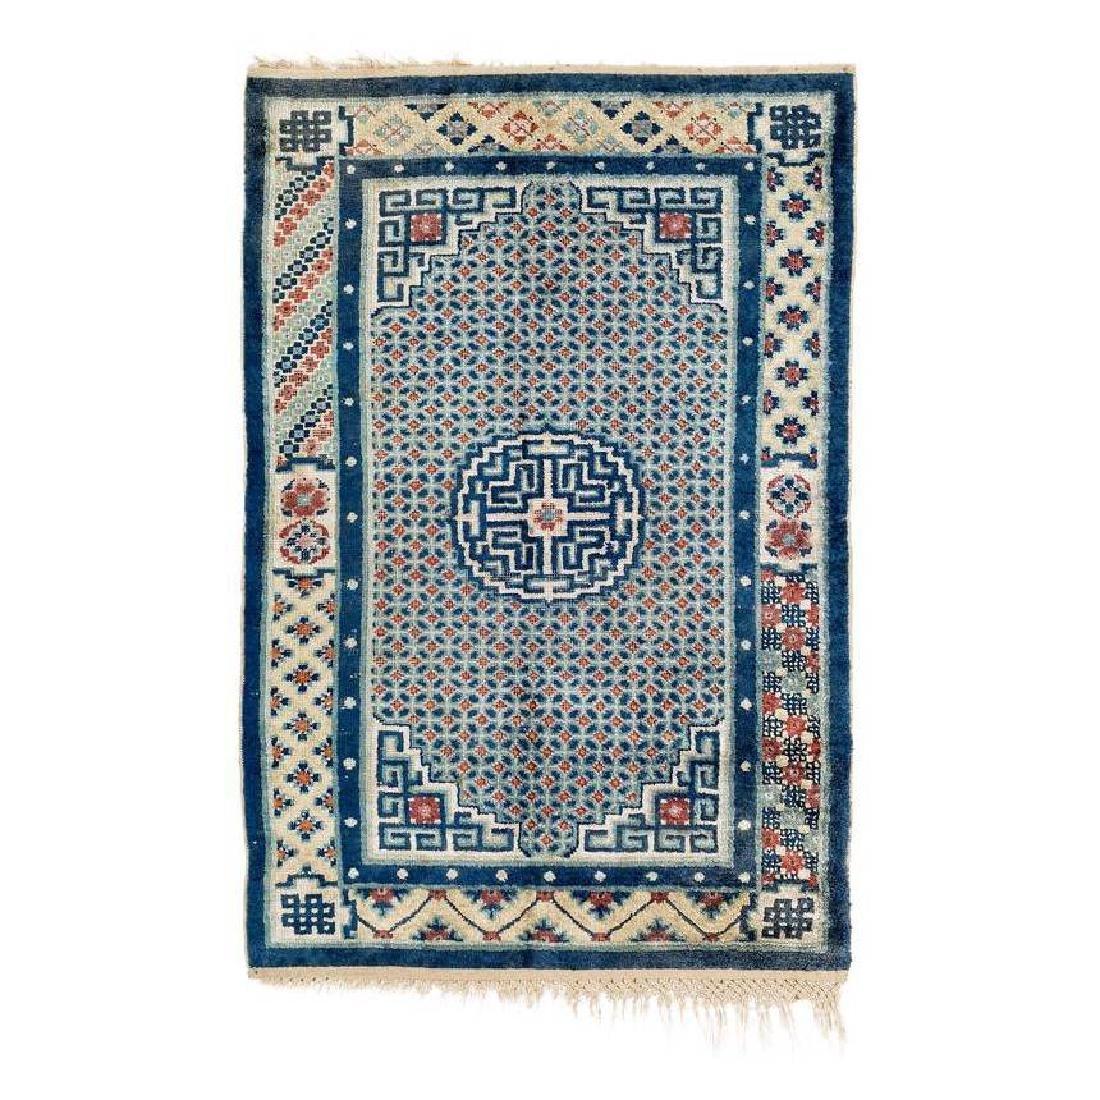 Pao Tao Silk Carpet